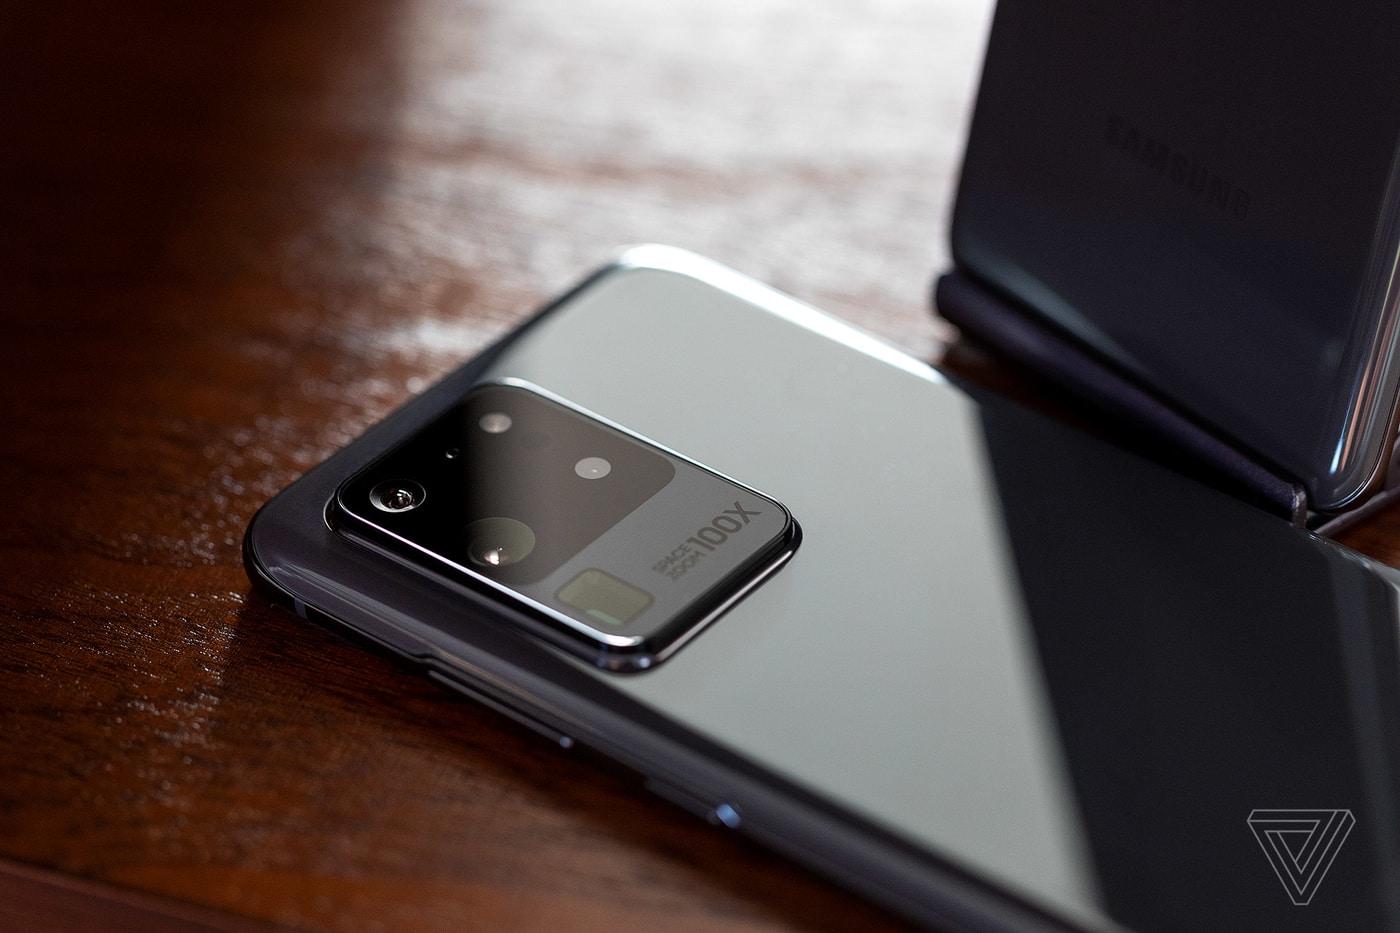 Galaxy S20 sẽ là những mẫu điện thoại đầu tiên của Samsung hỗ trợ quay video độ phân giải 8K | Bên cạnh đó, Samsung cũng hợp tác với YouTube để giúp người dùng dễ dàng chia sẻ các video độ phân giải 8K này lên mạng Internet.  Các mẫu điện thoại Samsung từ lâu đã được biết đến với chất lượng camera vượt trội, đứng trong top đầu của thế giới smartphone. Vậy nên, khi có thông tin cho biết các mẫu điện thoại Galaxy S20 được trang bị bộ xử lý Qualcomm Snapdragon 865, đã có nhiều người cho rằng một trong những tính năng mới của mẫu flagship năm nay là khả năng quay video độ phân giải 8K. Và giờ đây thông tin này đã chính thức được xác nhận: Các mẫu điện thoại Galaxy S20 5G của Samsung có khả năng quay video độ phân giải 8K, cho ra những đoạn video chất lượng cao và màu sắc nổi bật. Tuy nhiên, đây không phải là những chiếc điện thoại đầu tiên trên thị trường làm được điều này. Danh hiệu đó thuộc về công ty Trung Quốc ZTE, với việc ra mắt mẫu điện thoại Smart STB 8K tại Thượng Hải năm 2019. Tuy nhiên, Galaxy S20 vẫn có ưu thế khi được trang bị bộ xử lý Snapdragon mạnh mẽ và được phép… quảng bá tại thị trường Mỹ.